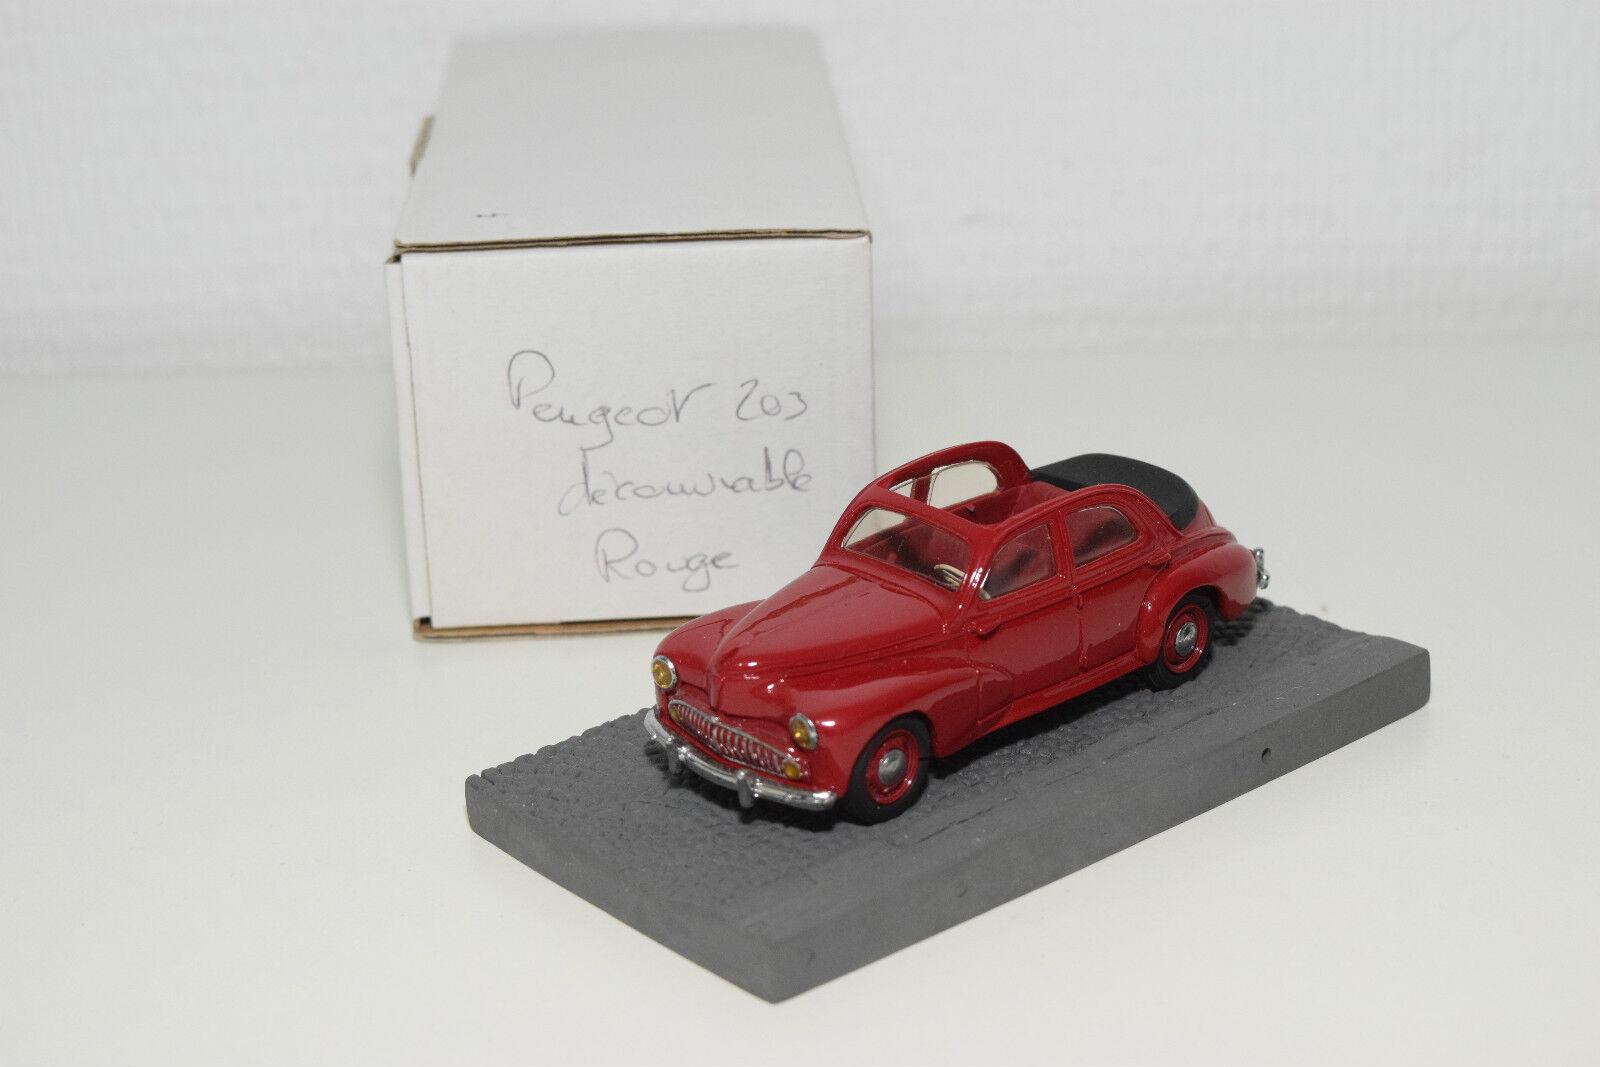 .ccc classiques peugeot 203 decouvrable cabriolet maroon - boxen selten selten ( 5